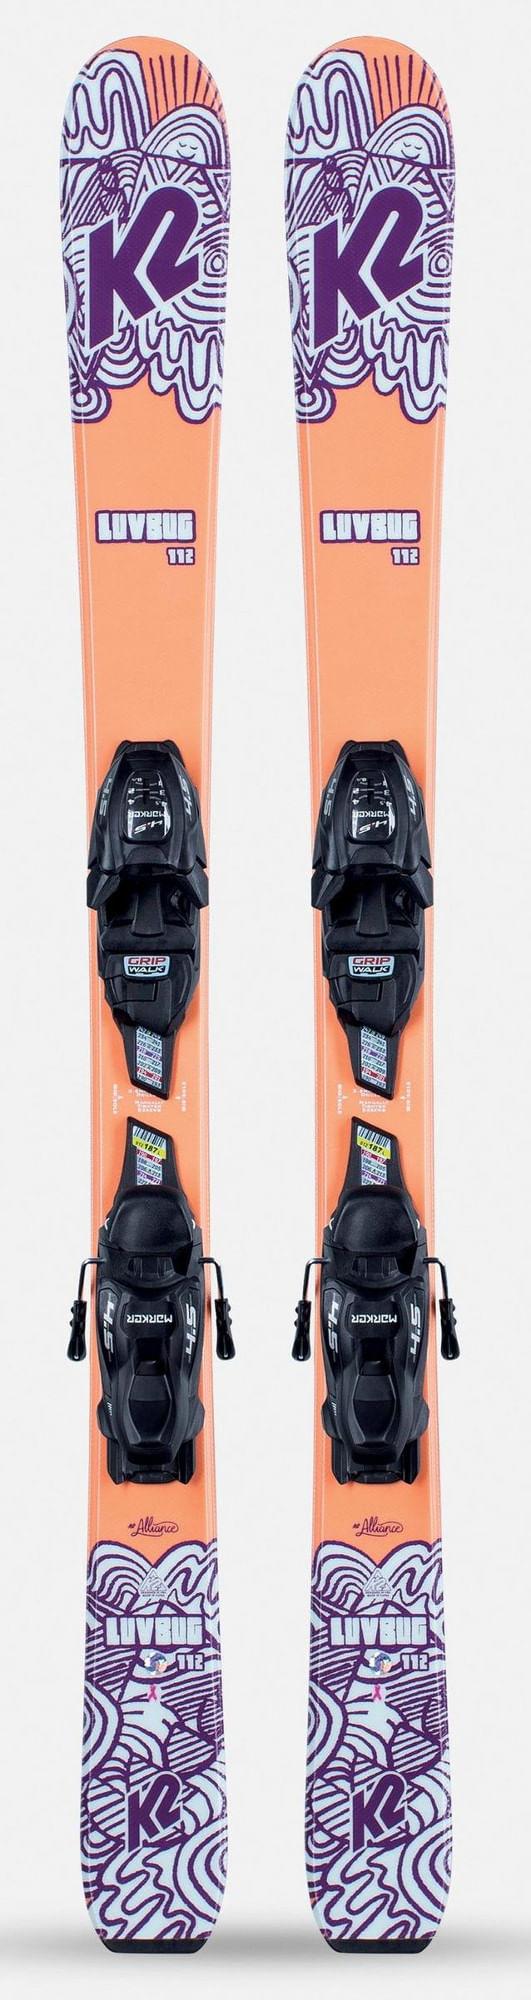 K2-Luv-Bug-Kids-Skis-With-FDT-4.5-Bindings-2021